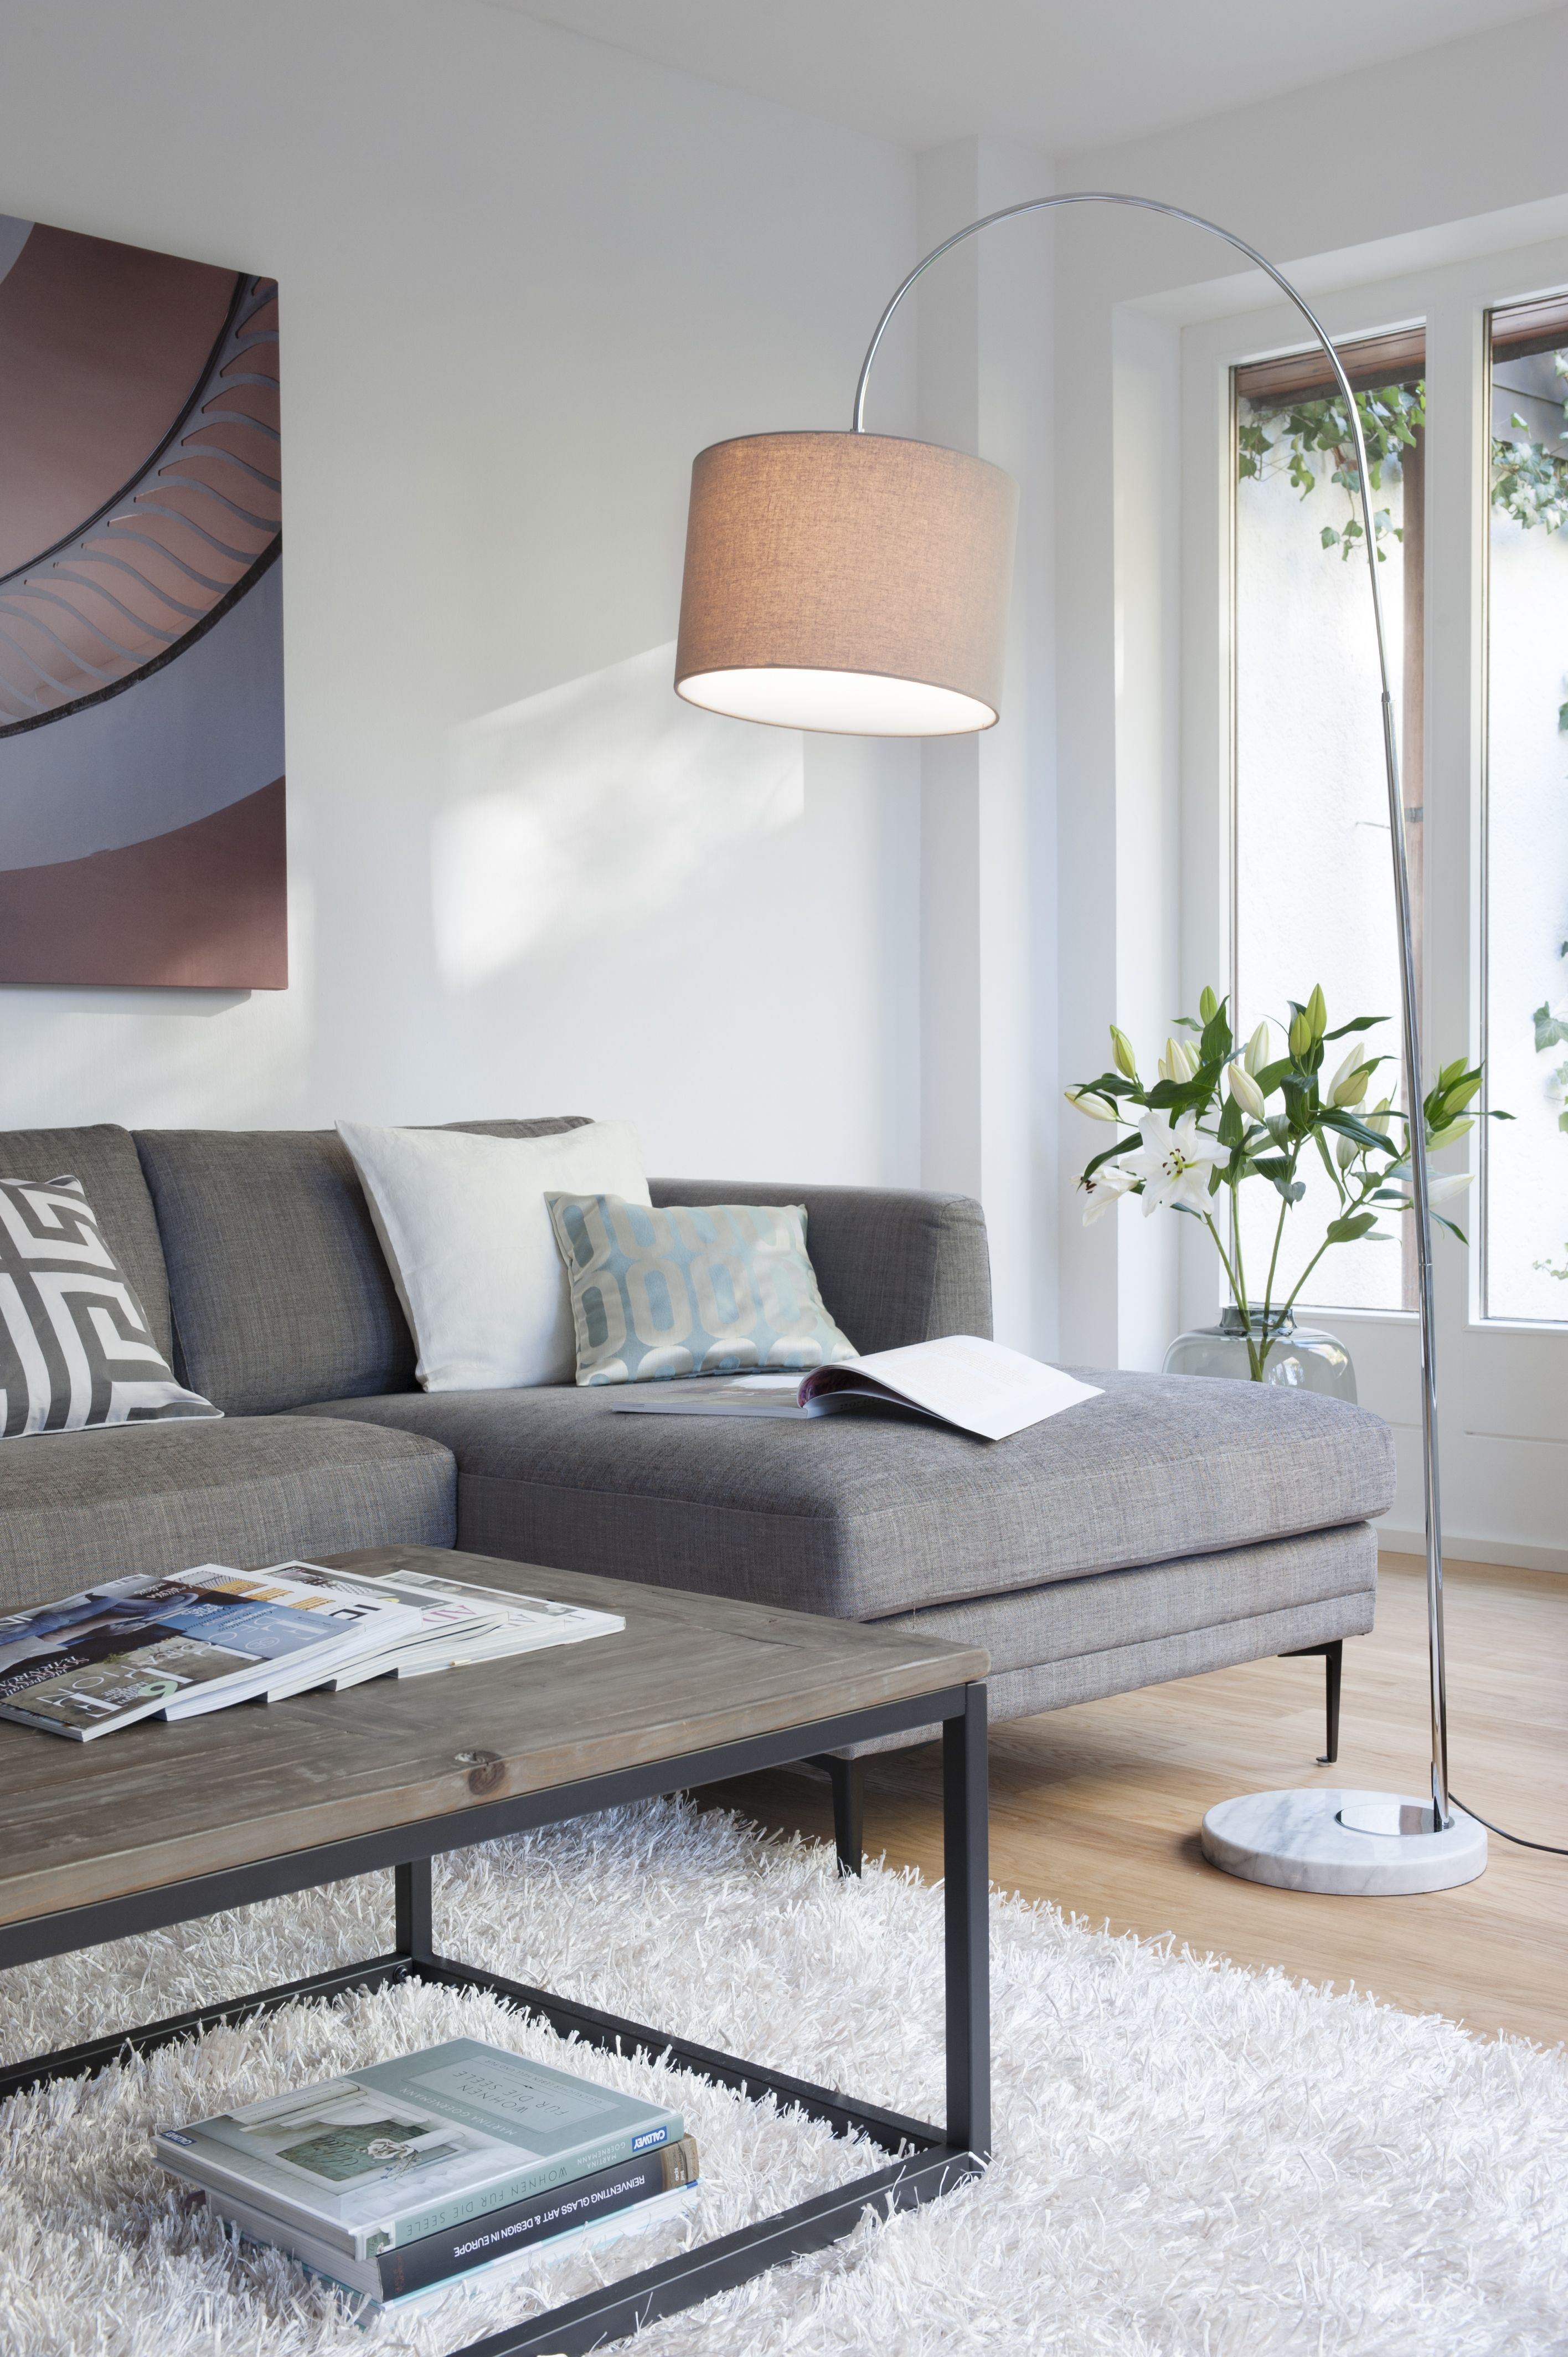 Lampen wohnzimmer teppich wohnzimmer couch grau wohnzimmer neutrale wohnzimmer moderne wohnung moderne architektur schöner wohnen wohnzimmer modernes